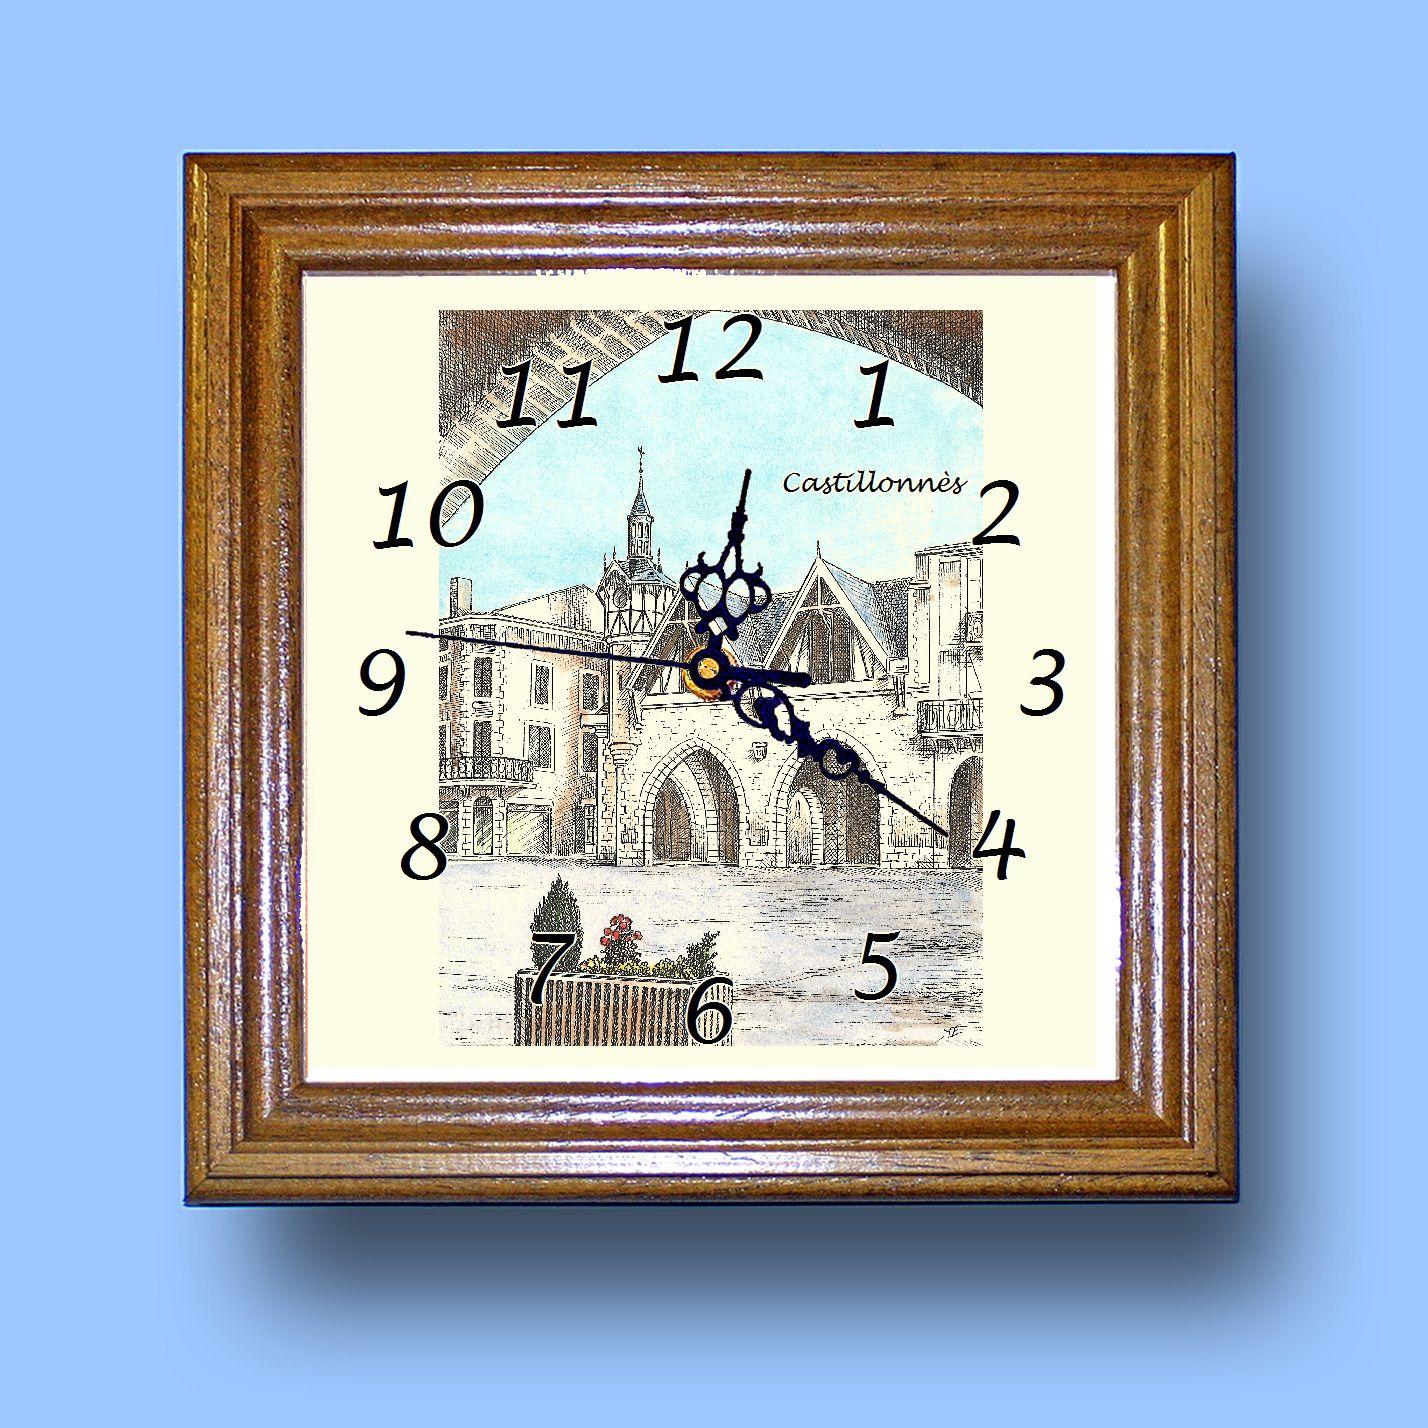 HG CL 47122 - Horloge avec une vue de 47 CASTILLONNES K4qhzAua-08055929-618689416